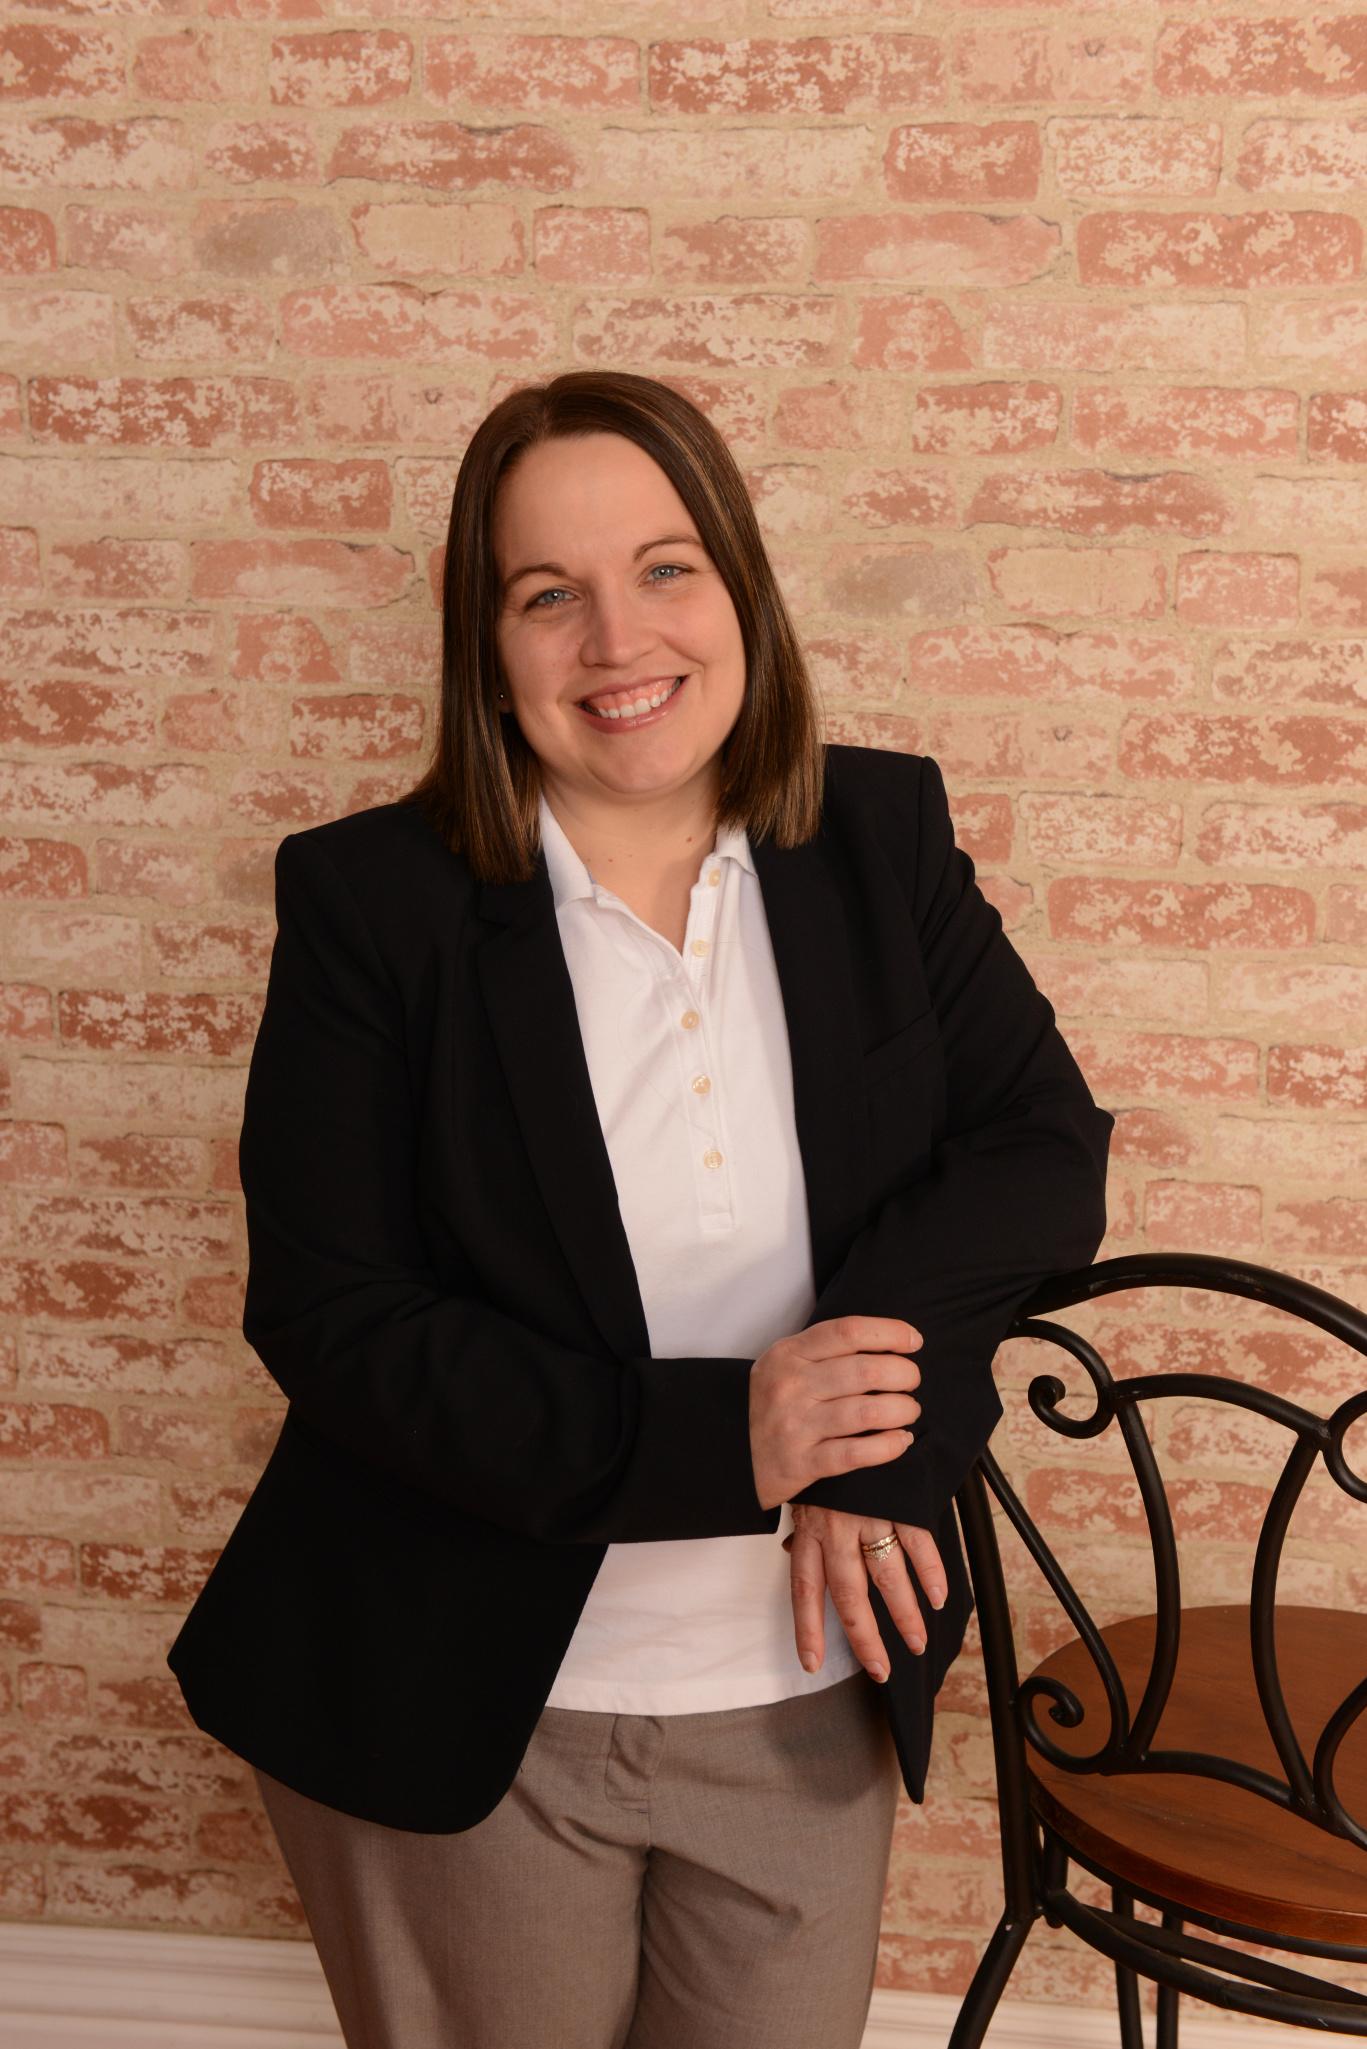 Headshot of Realtor Elisa Jones